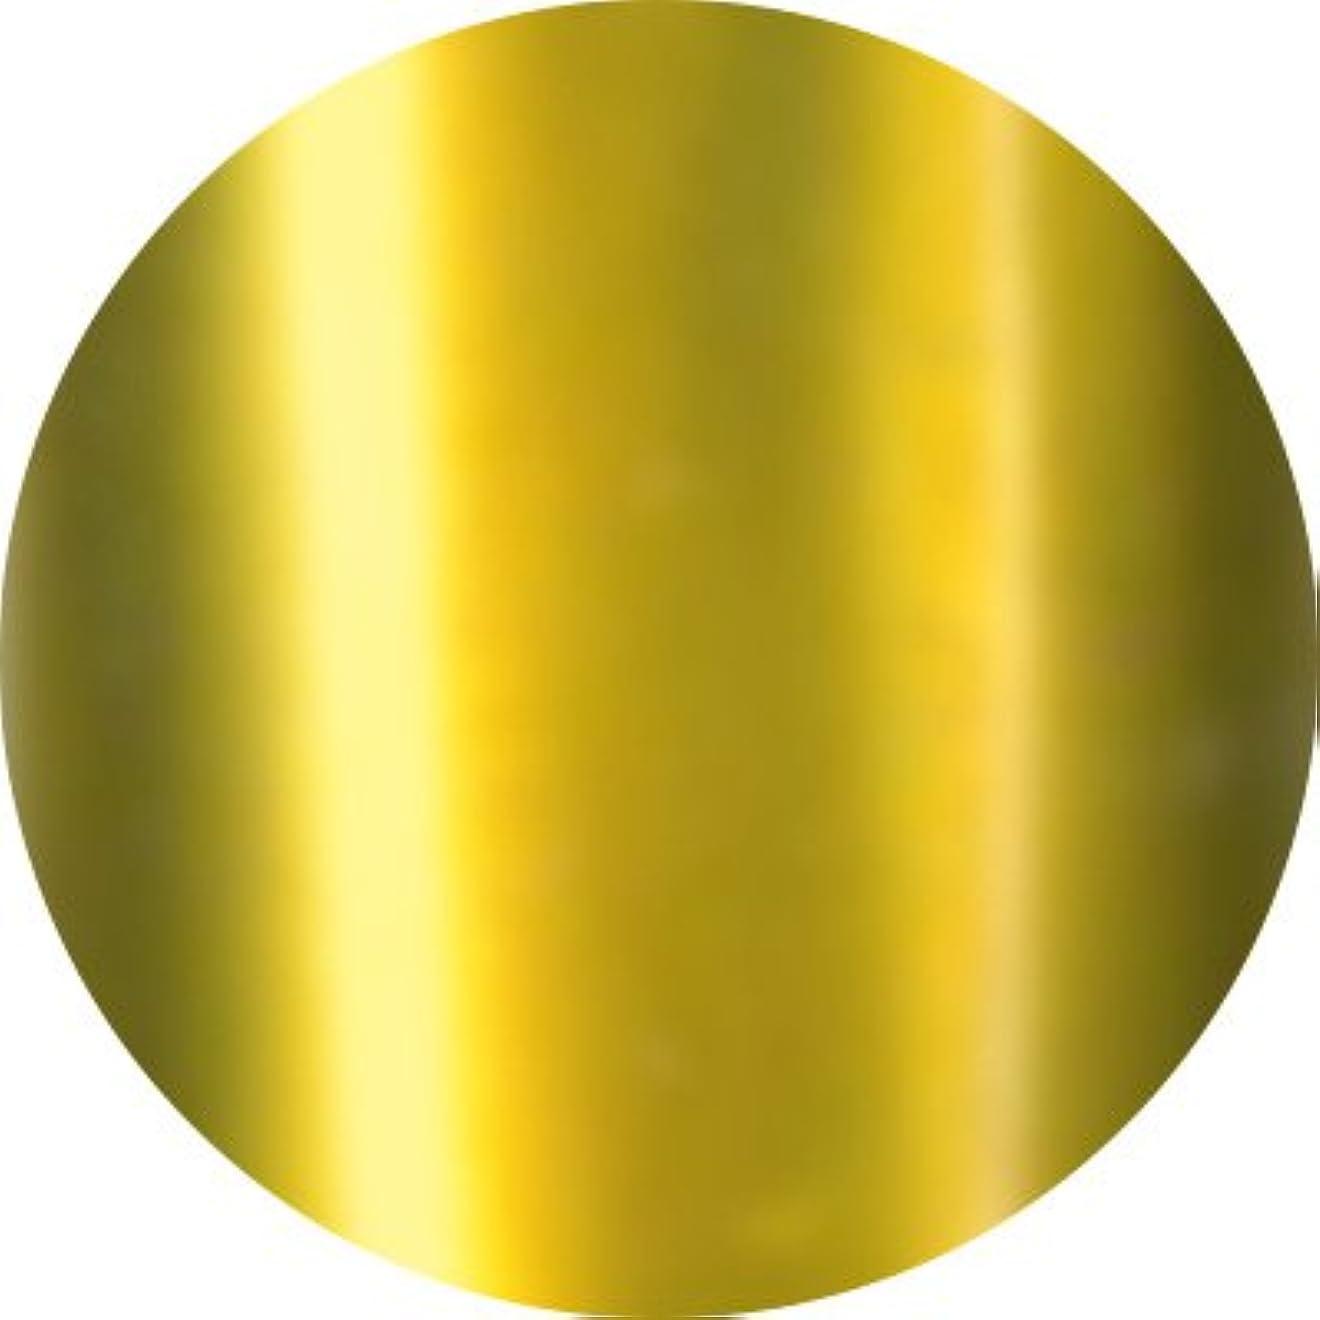 水星スポーツマン裏切りJewelry jel(ジュエリージェル) カラージェル 5ml<BR>ピッカピカメタリック MKゴールド